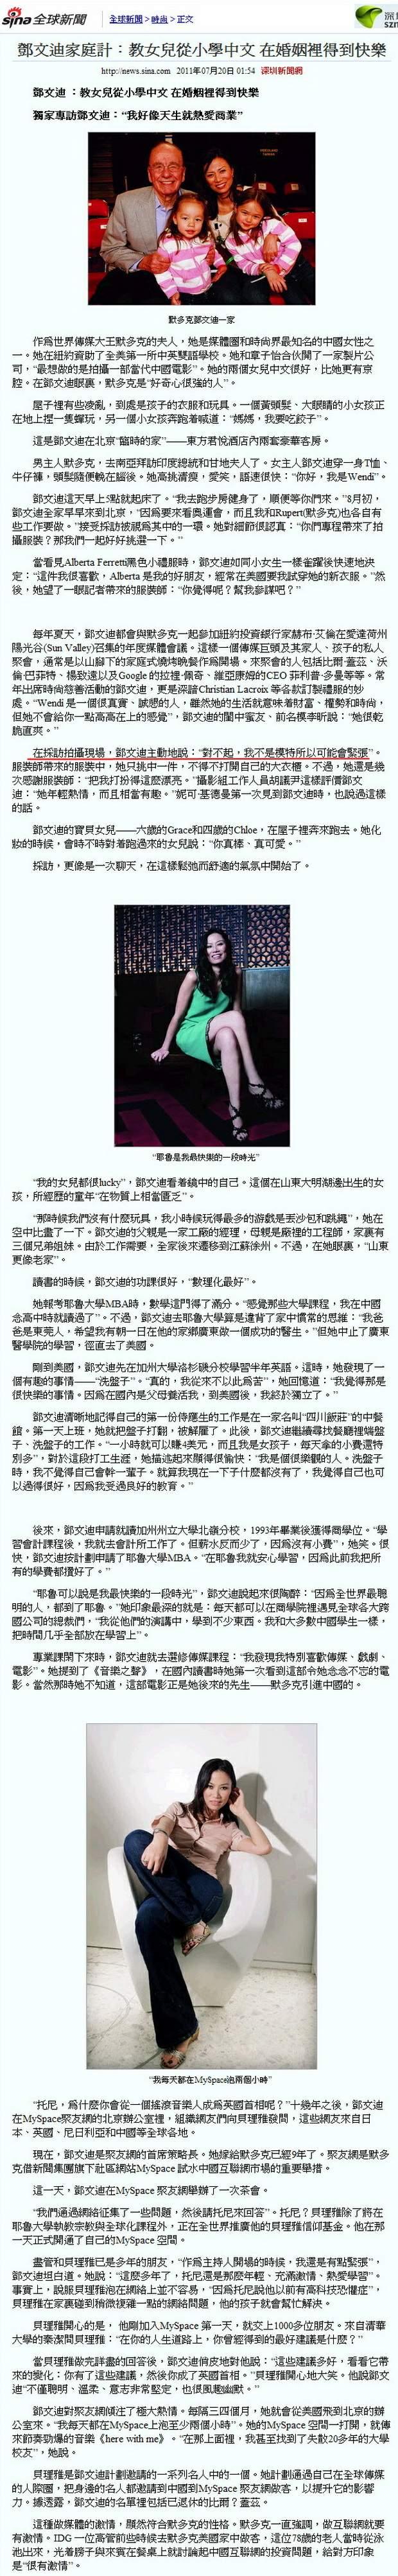 鄧文迪家庭計:教女兒從小學中文 在婚姻裡得到快樂-2011.07.20.jpg